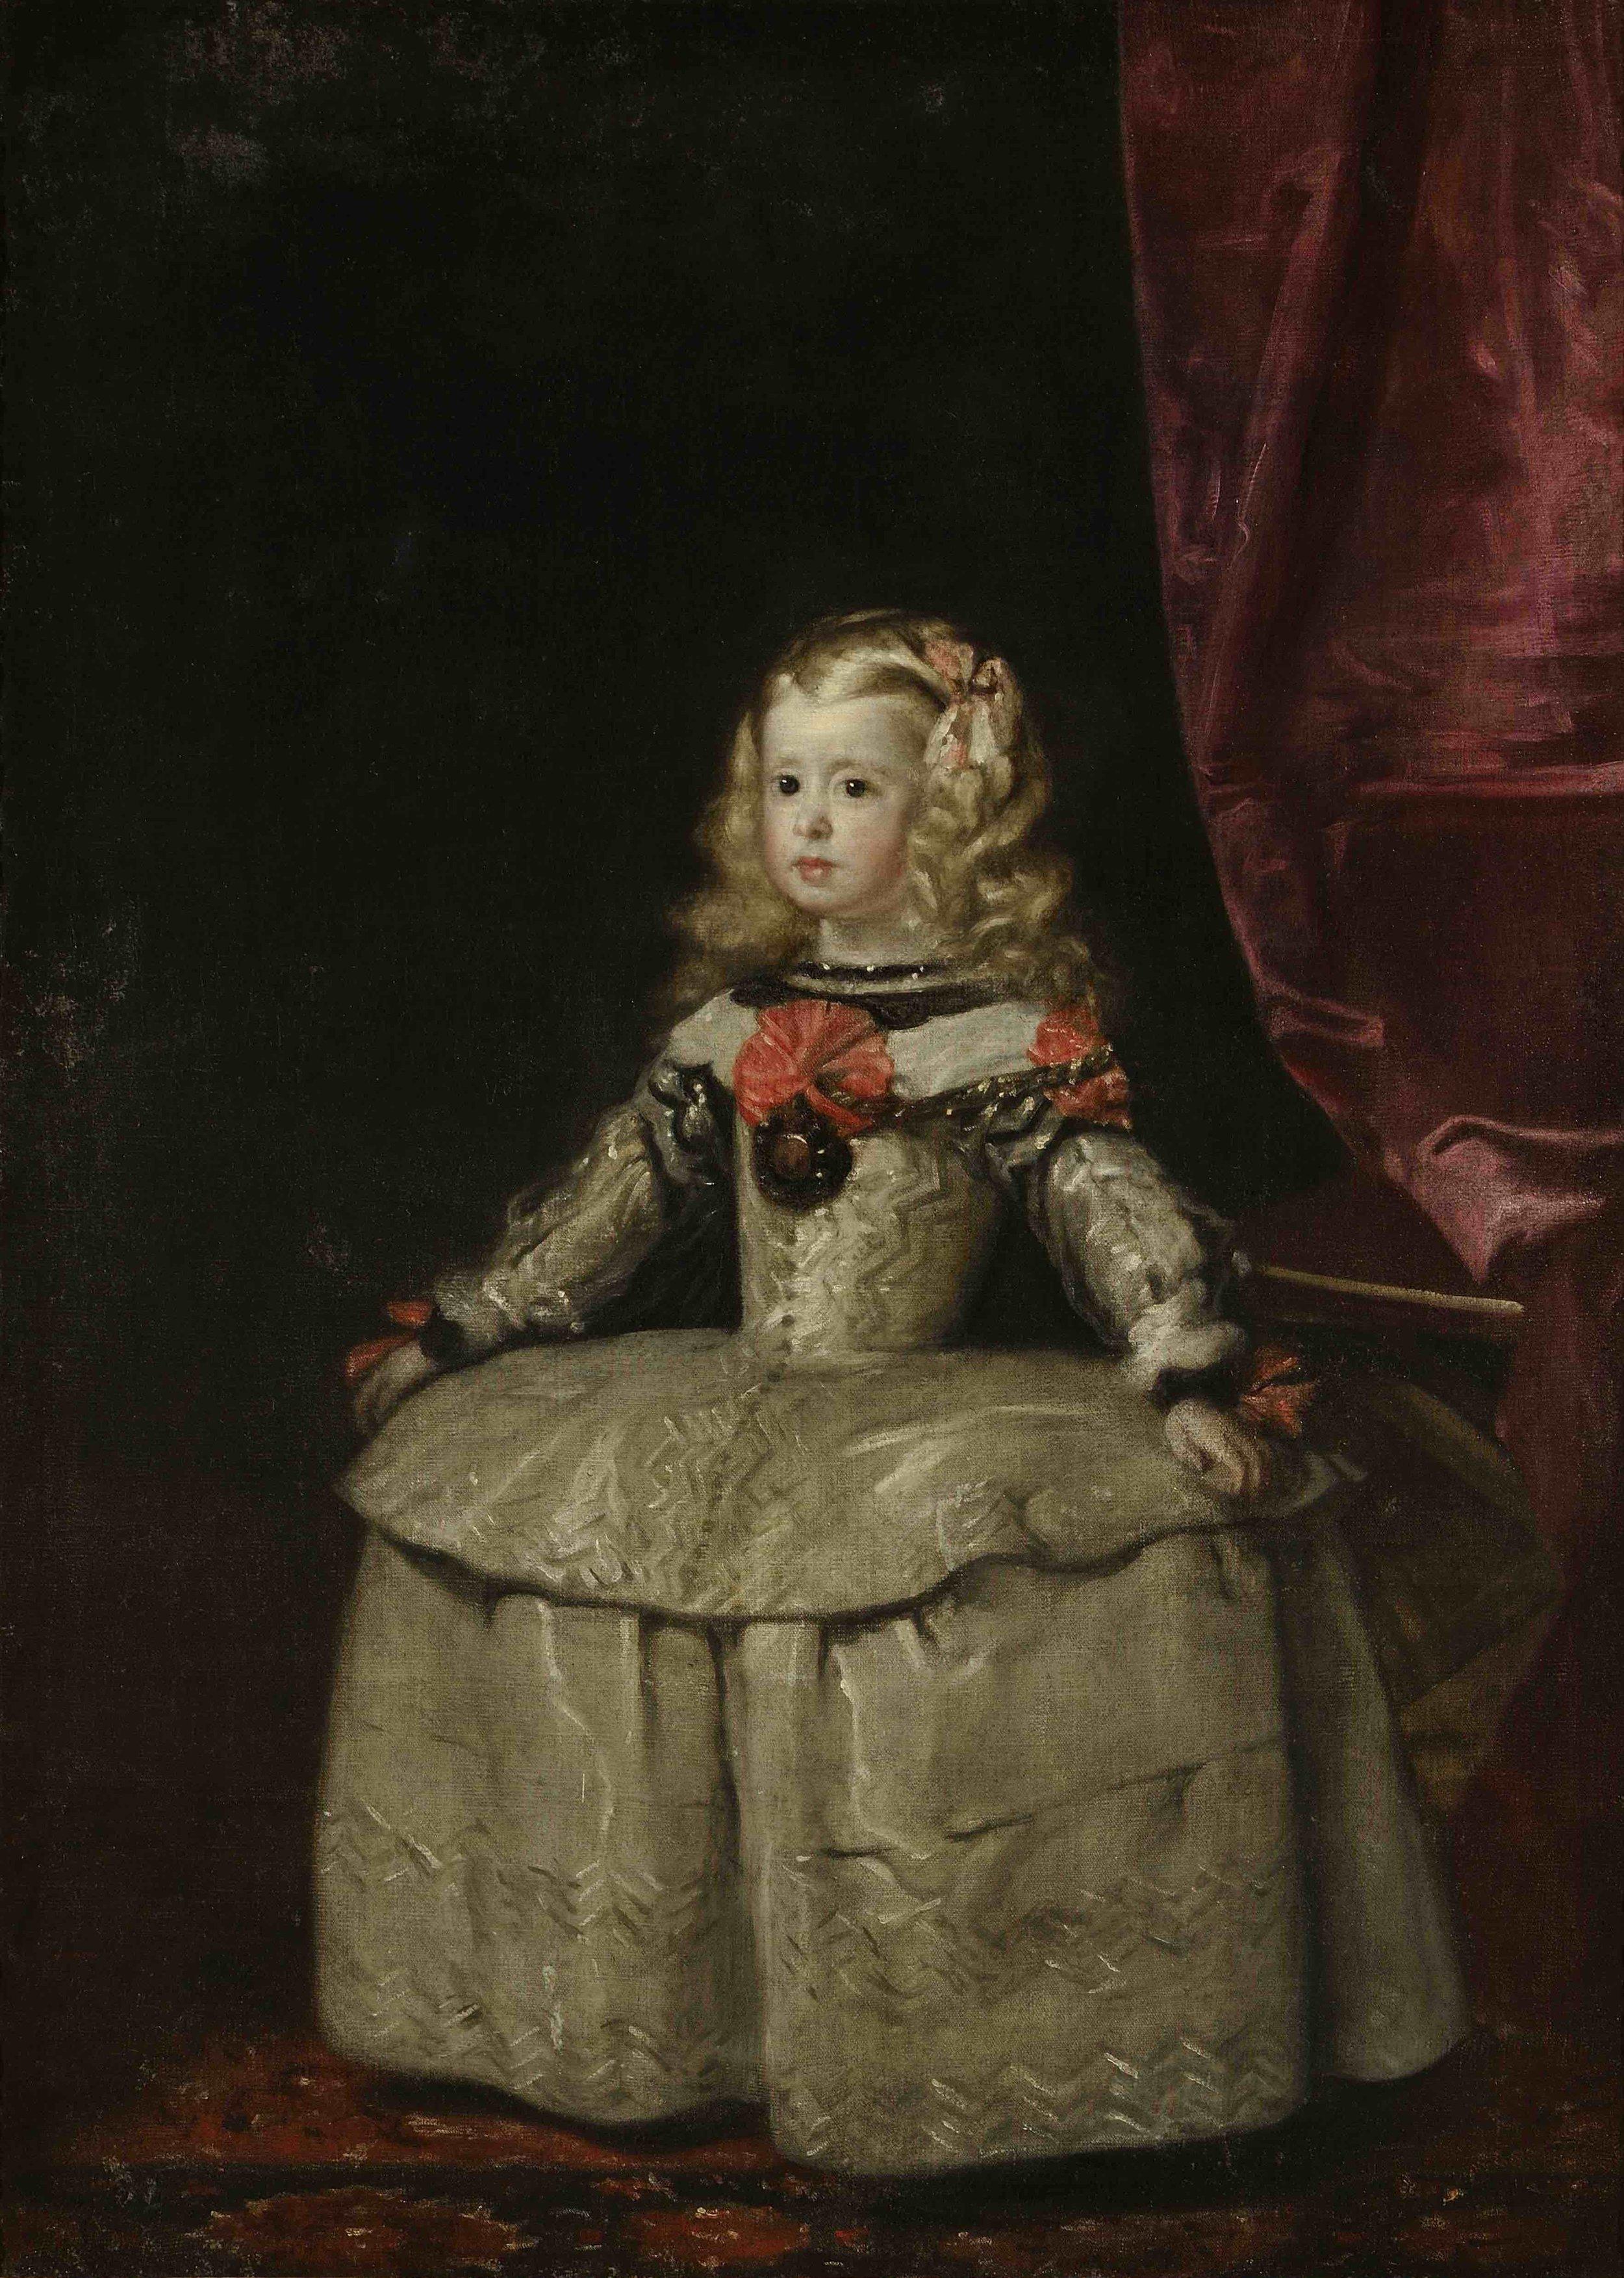 Doña Margarita Teresa, Infanta of Spain, Attributed to Diego Rodríguez de Silva y Velázquez, c. 1656